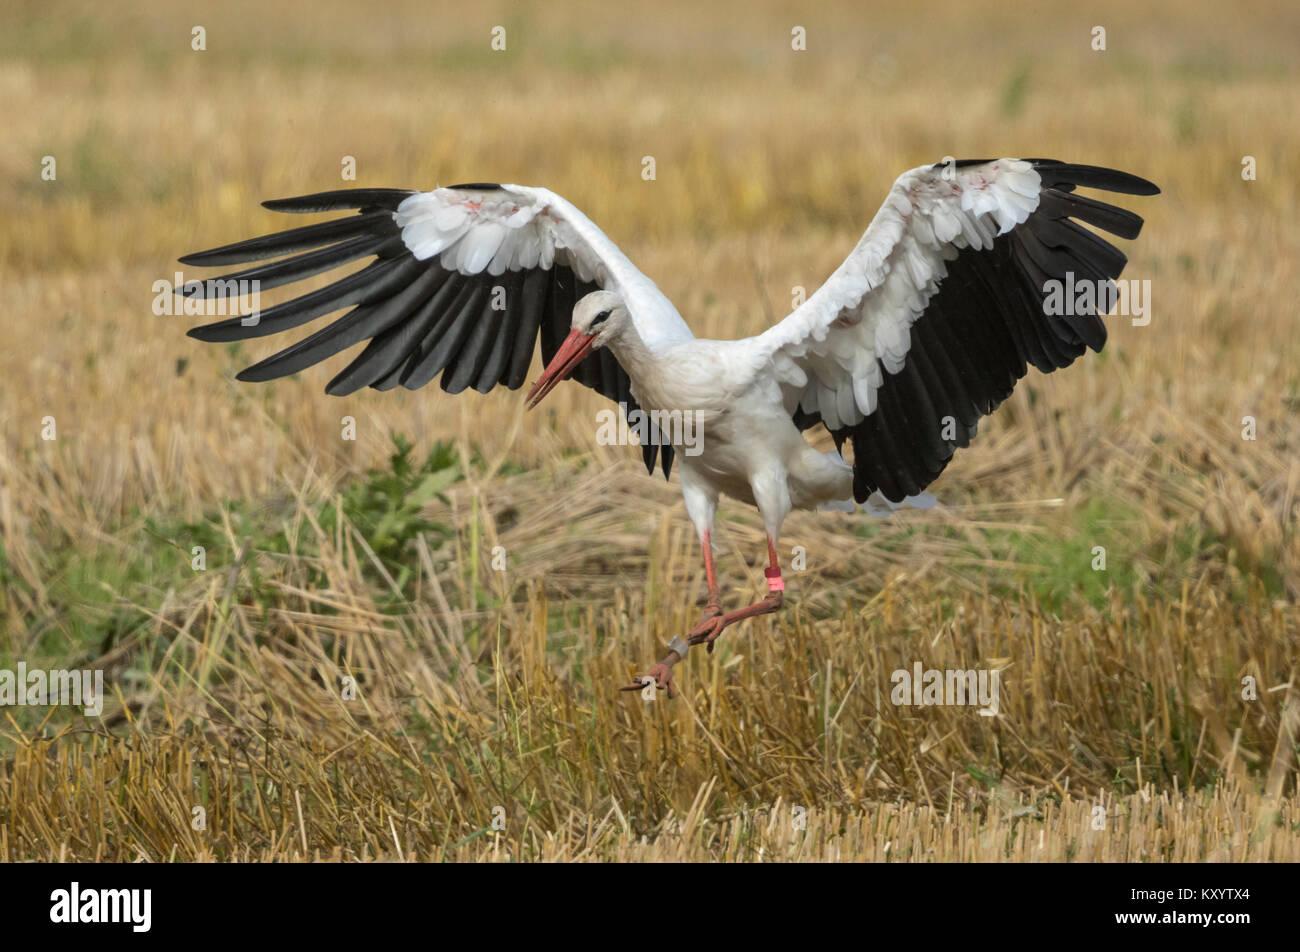 Weißstorch (Ciconia ciconia) im Flug über einen Drei-tage-Feld Stockbild